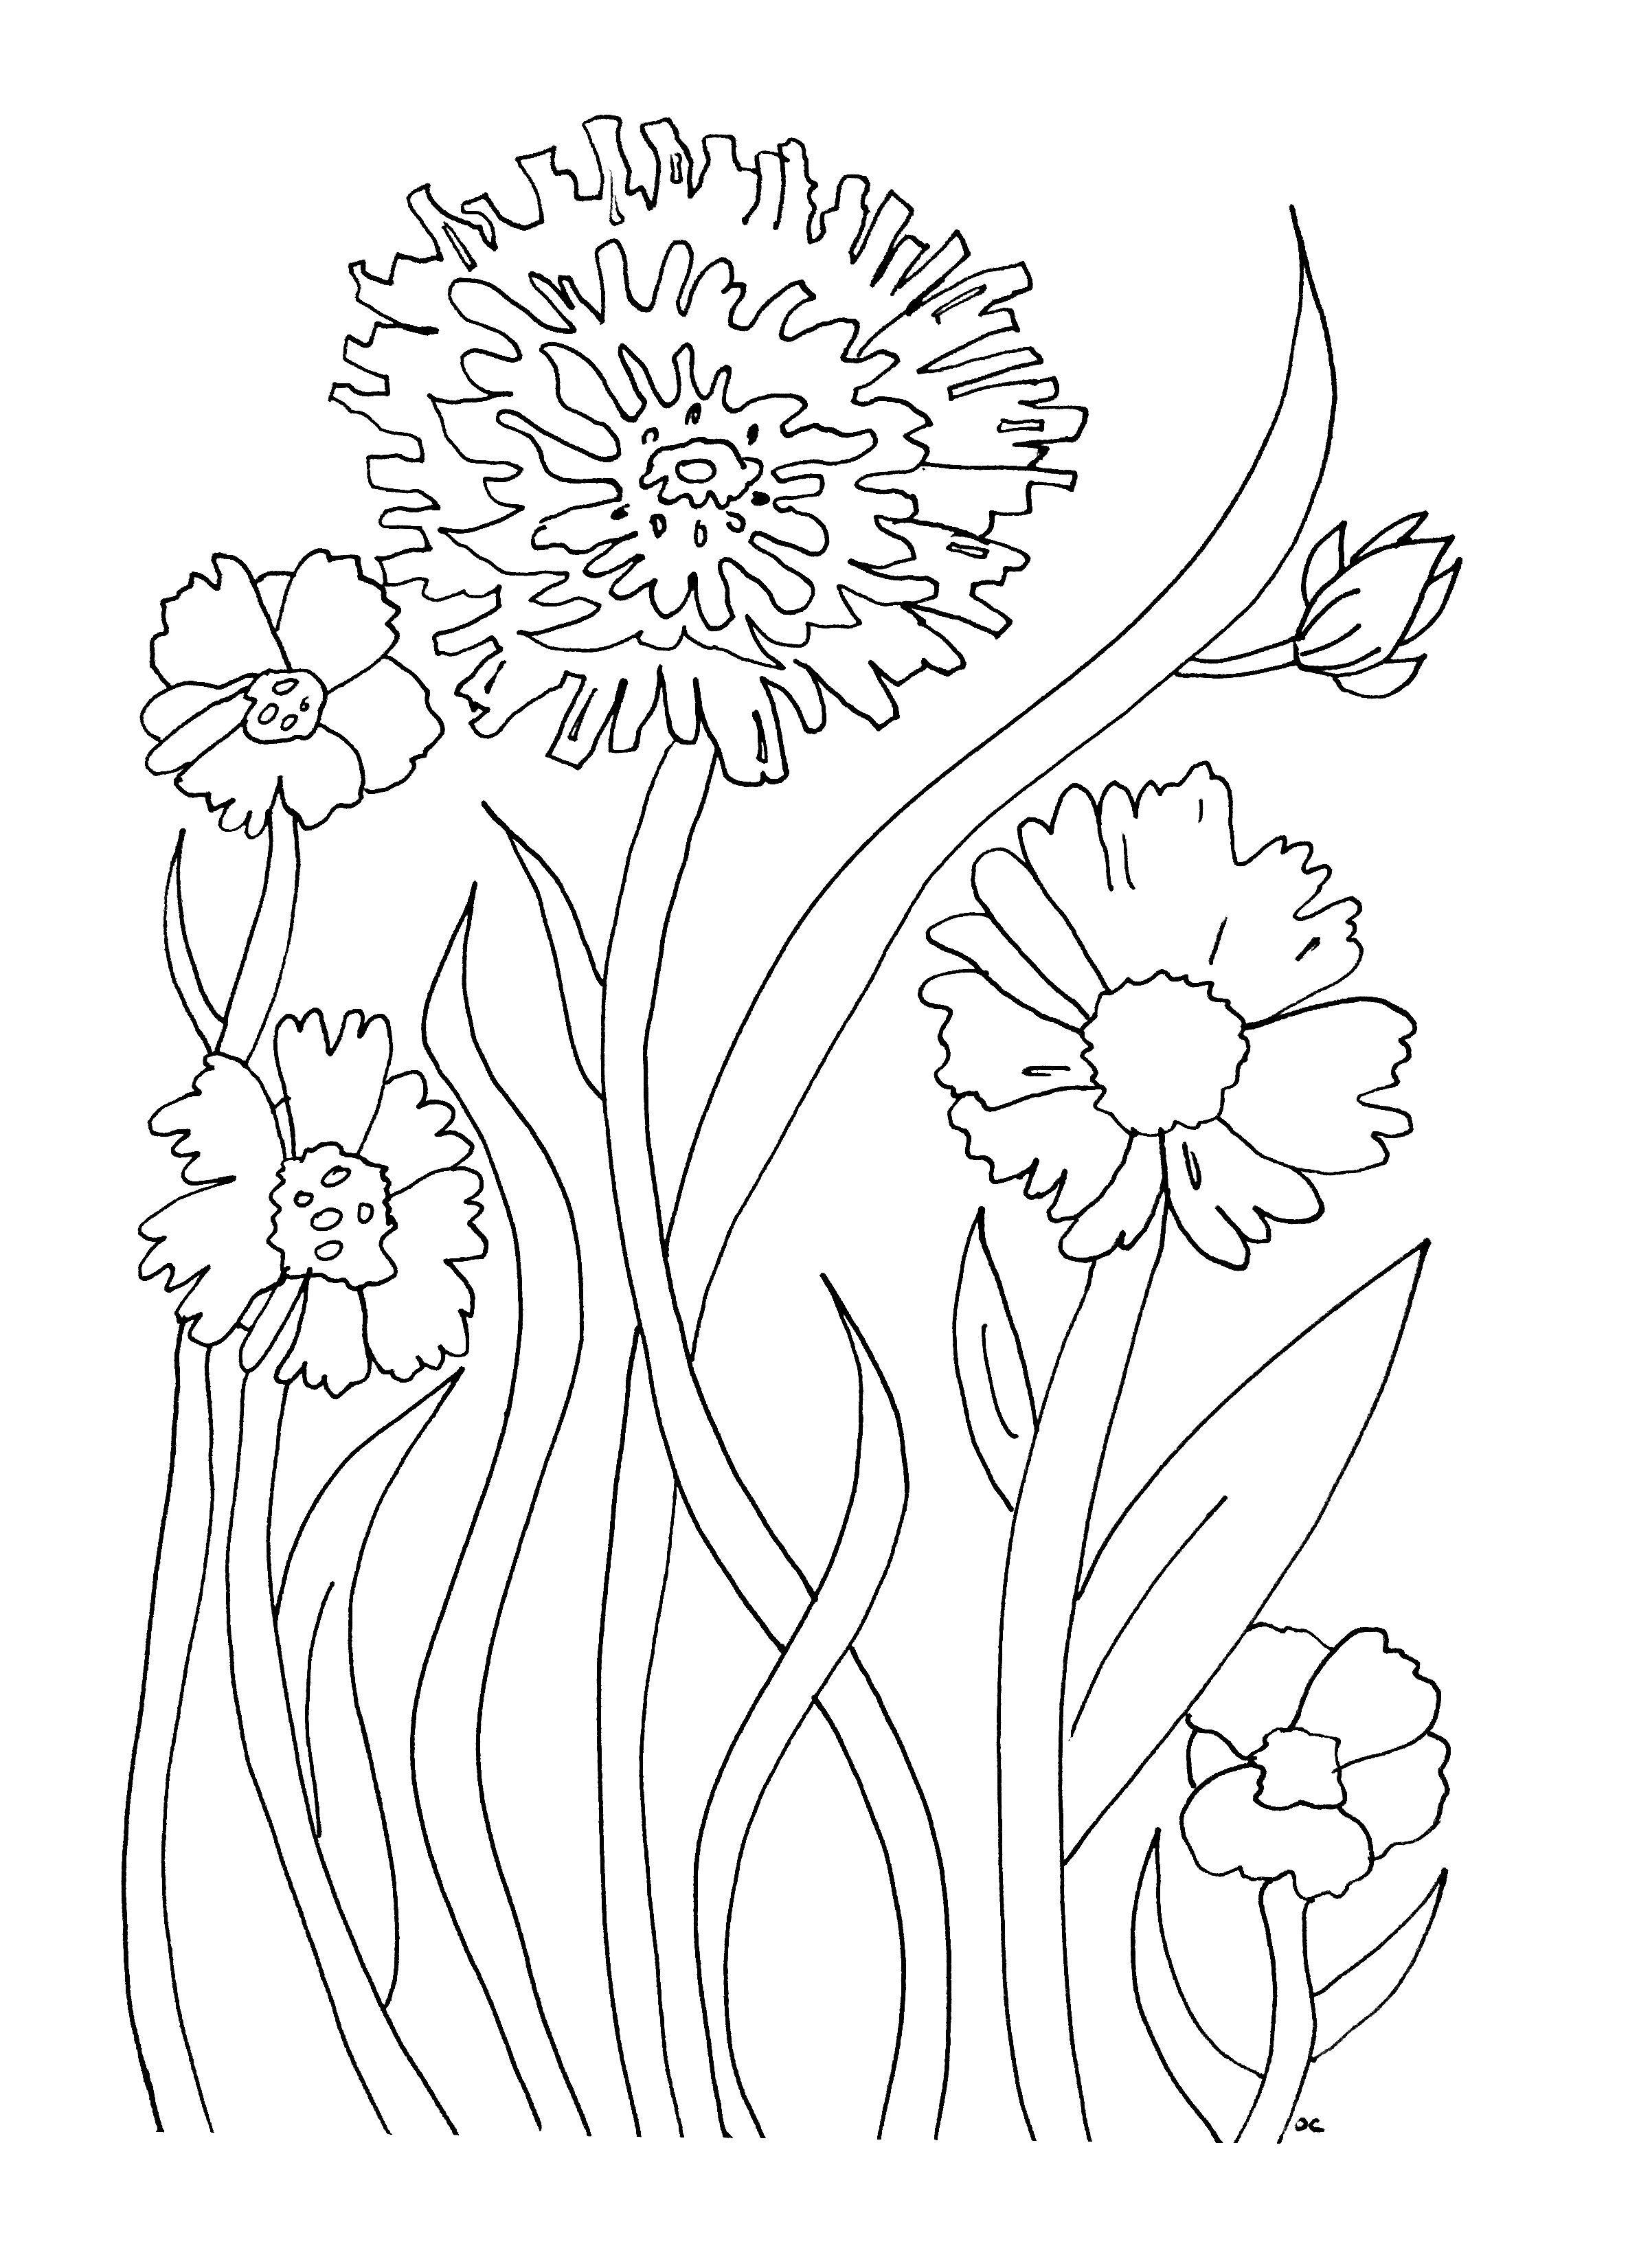 Simple Flowers Flowers Vegetation Coloring Pages For Adults Just Color Page 2 Avec Images Coloriage Coloriage Fleur Coloriage Difficile